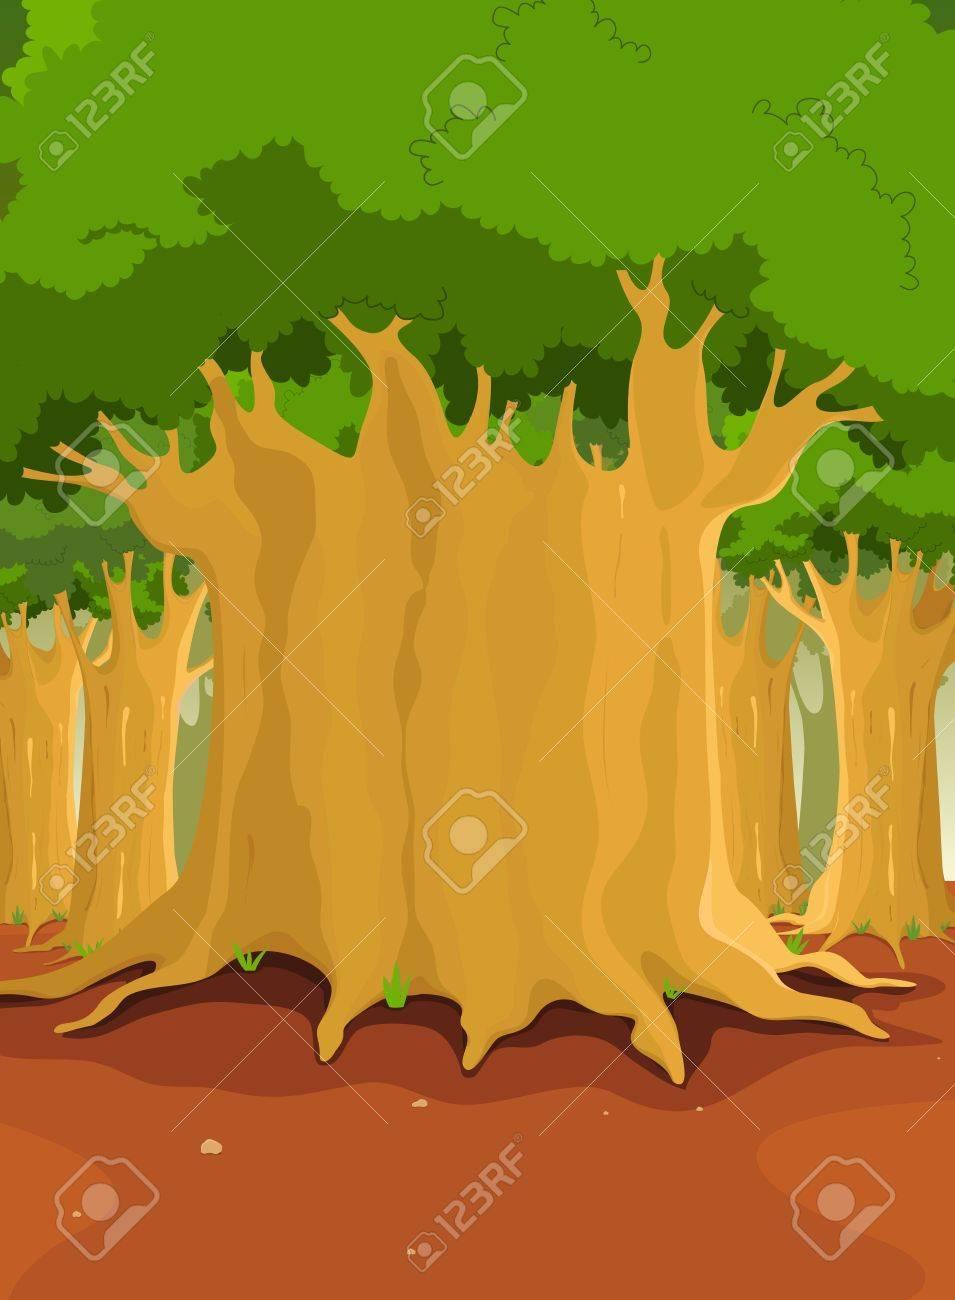 自然の背景の大きな木が森を漫画イラスト ロイヤリティフリークリップ